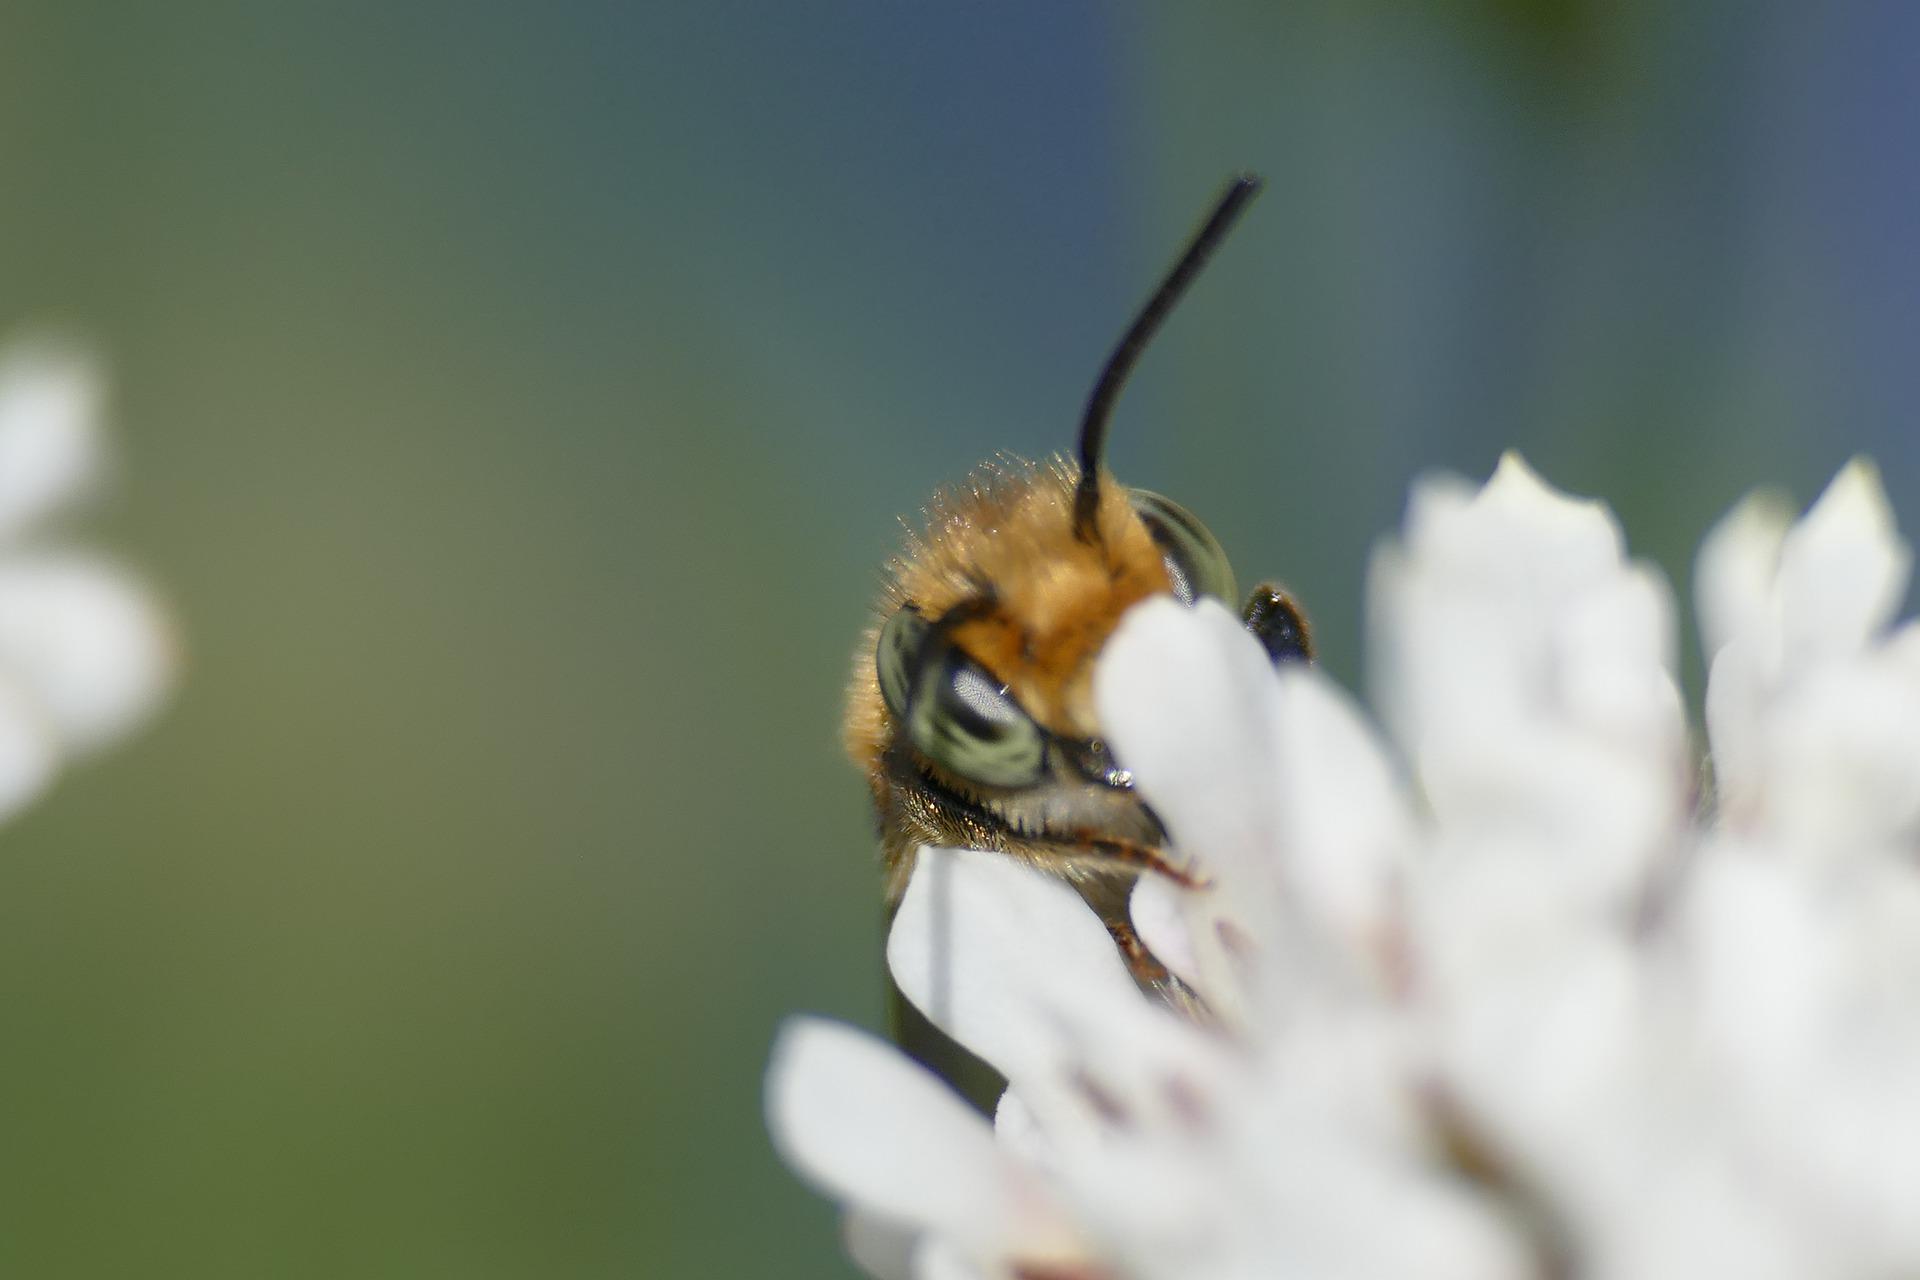 Pszczoła zbierająca nektar na kwiecie o białych płatkach